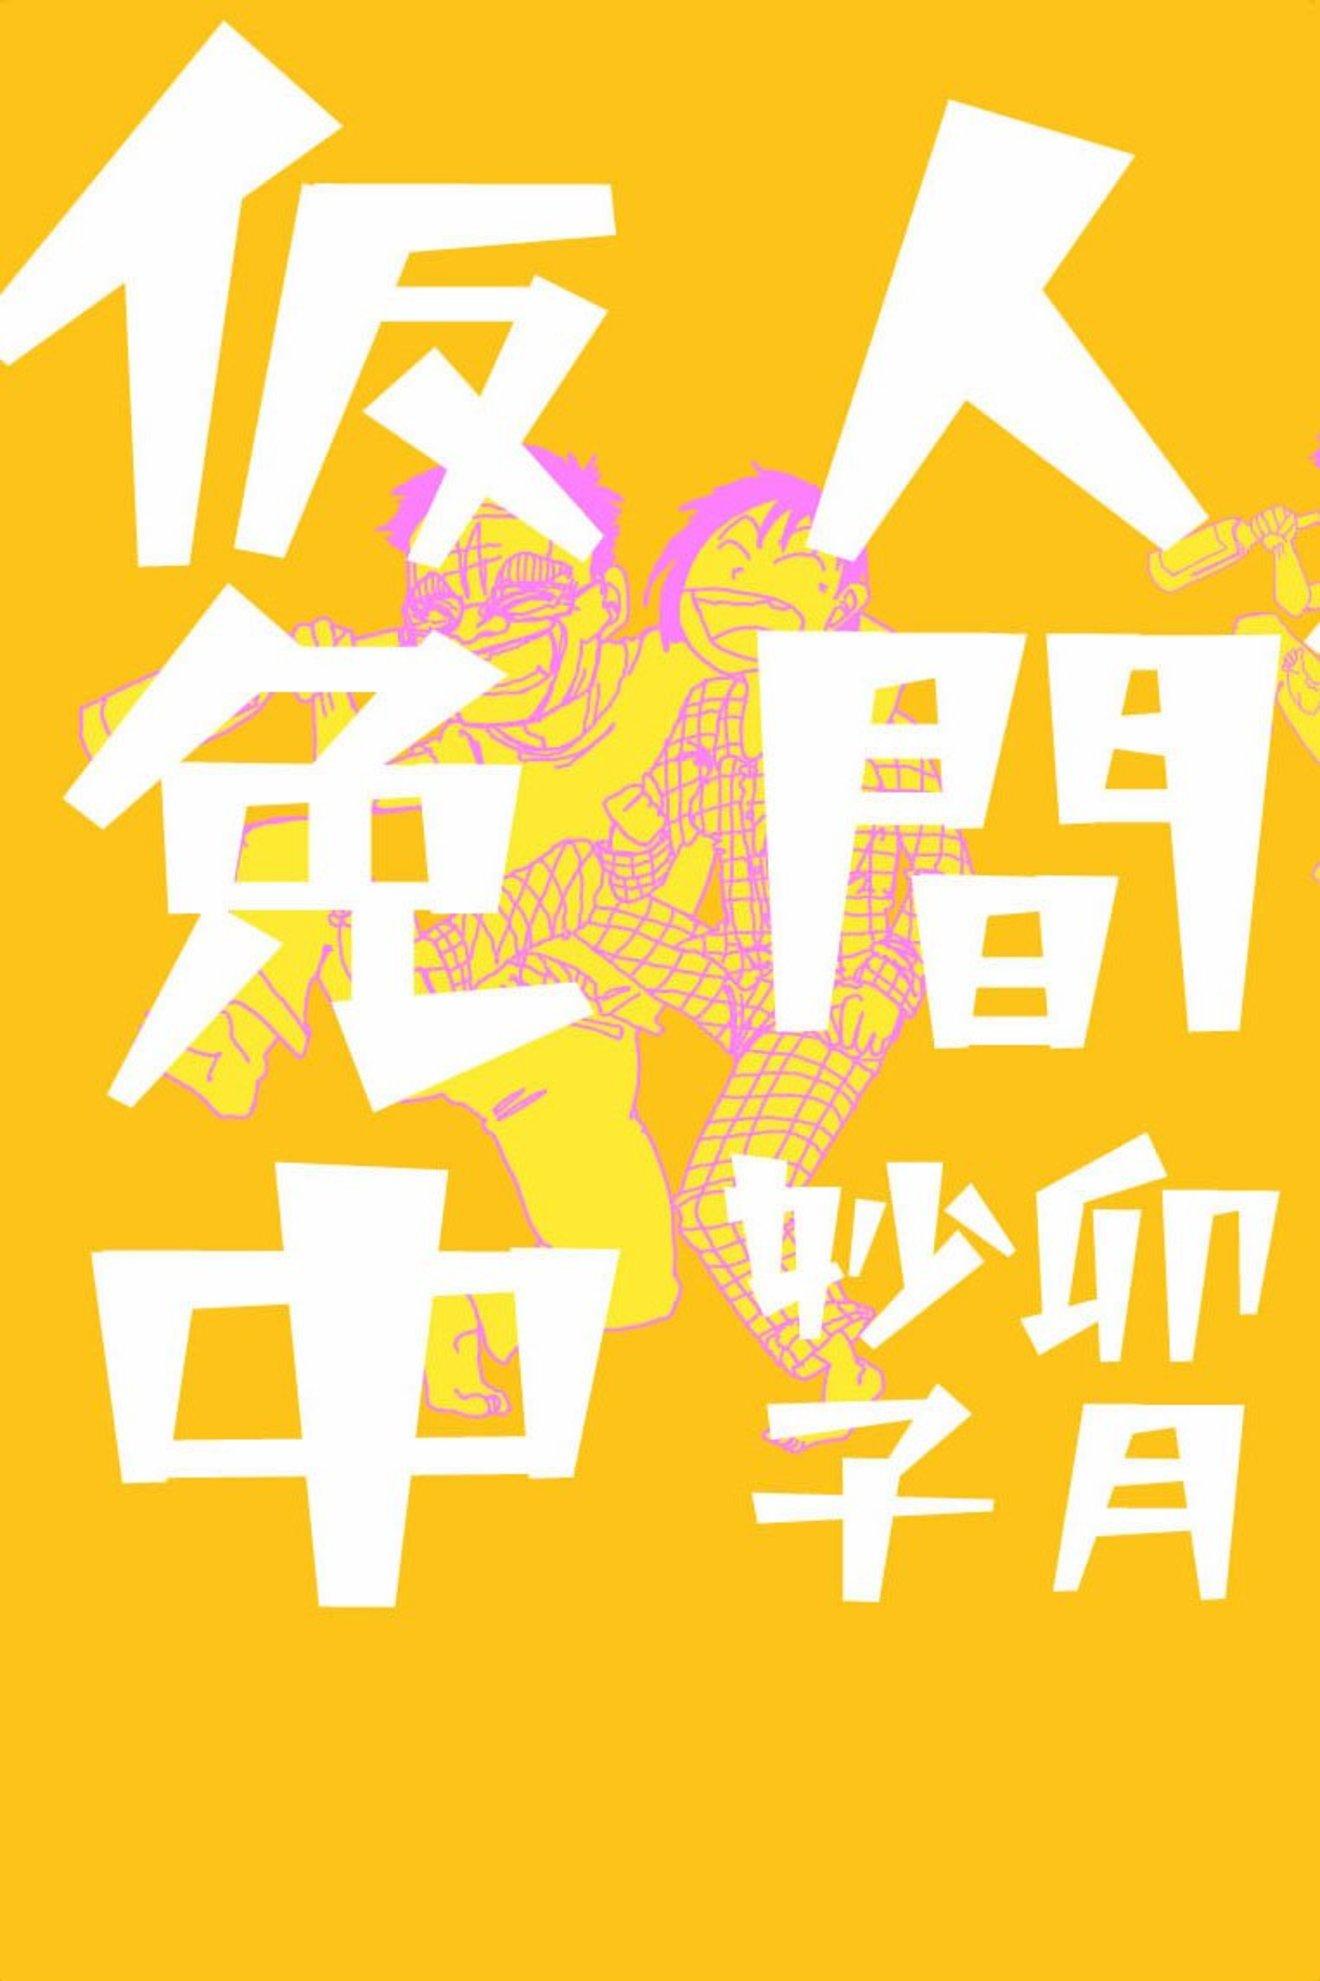 卯月妙子の壮絶人生がわかる4の事実!辛い現実をユーモラスに描く